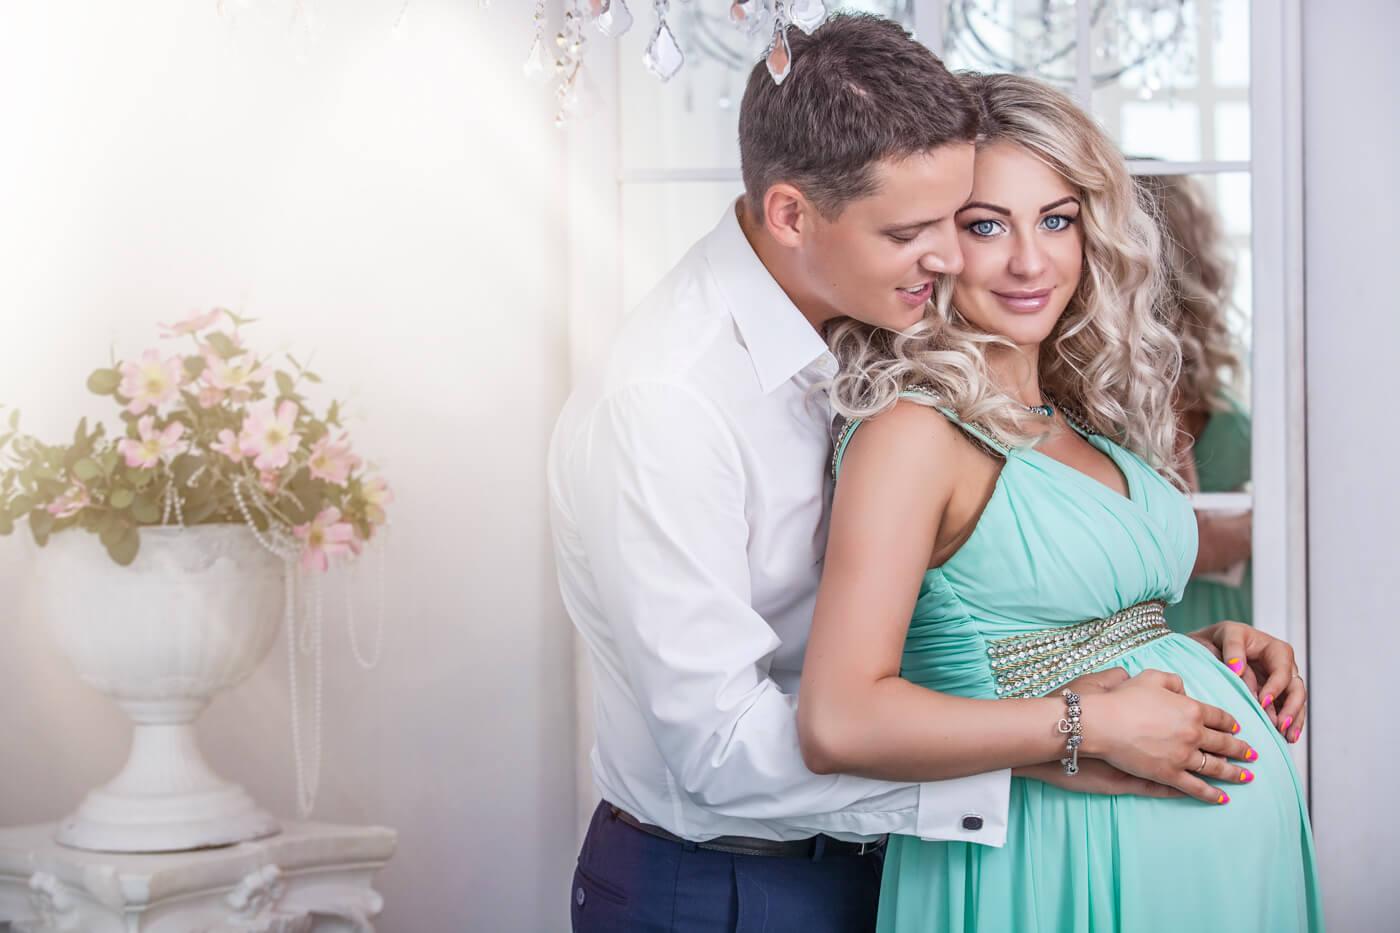 Brautkleider für Schwangere richtig aussuchen  Wichtige Infos & Tipps